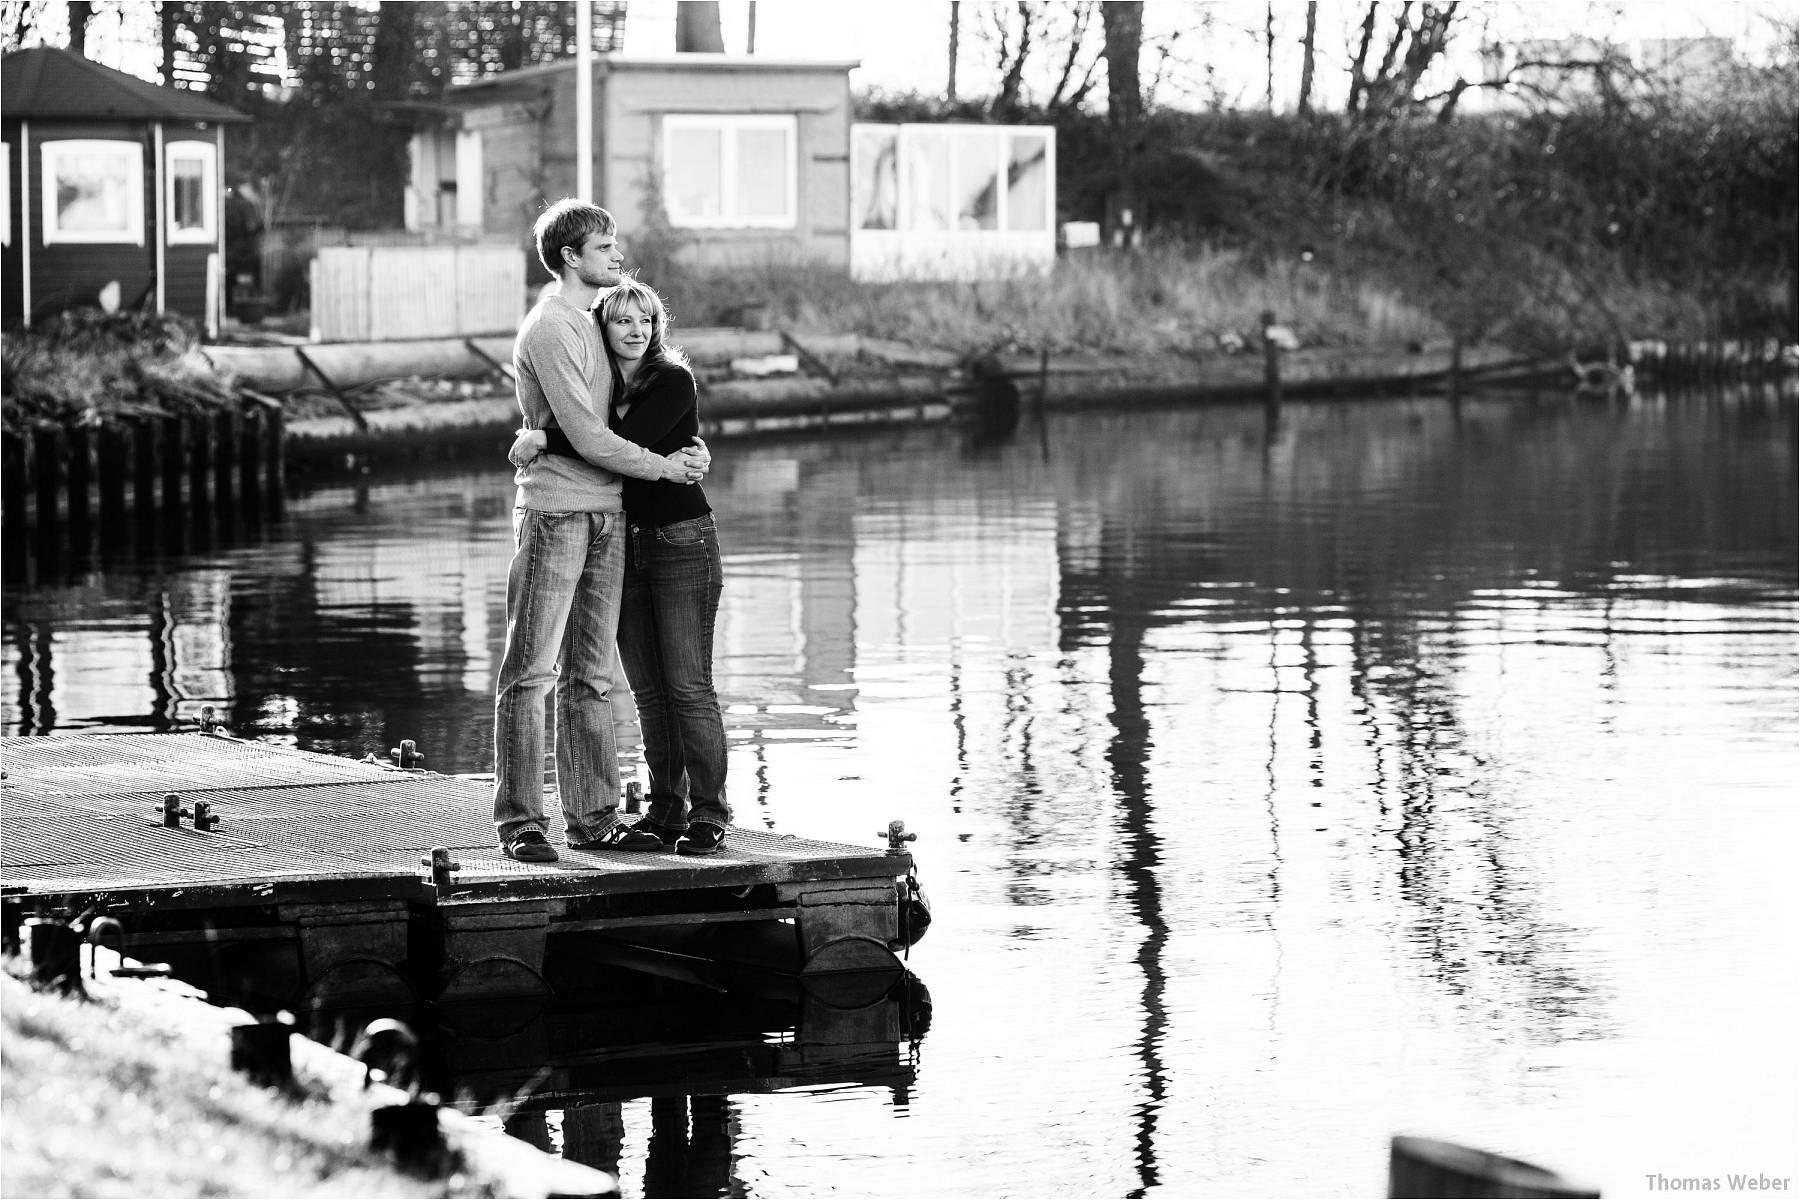 Hochzeitsfotograf Wilhelmshaven: Engagement- und Verlobungsfotos für die Einladungskarten der Hochzeit (9)